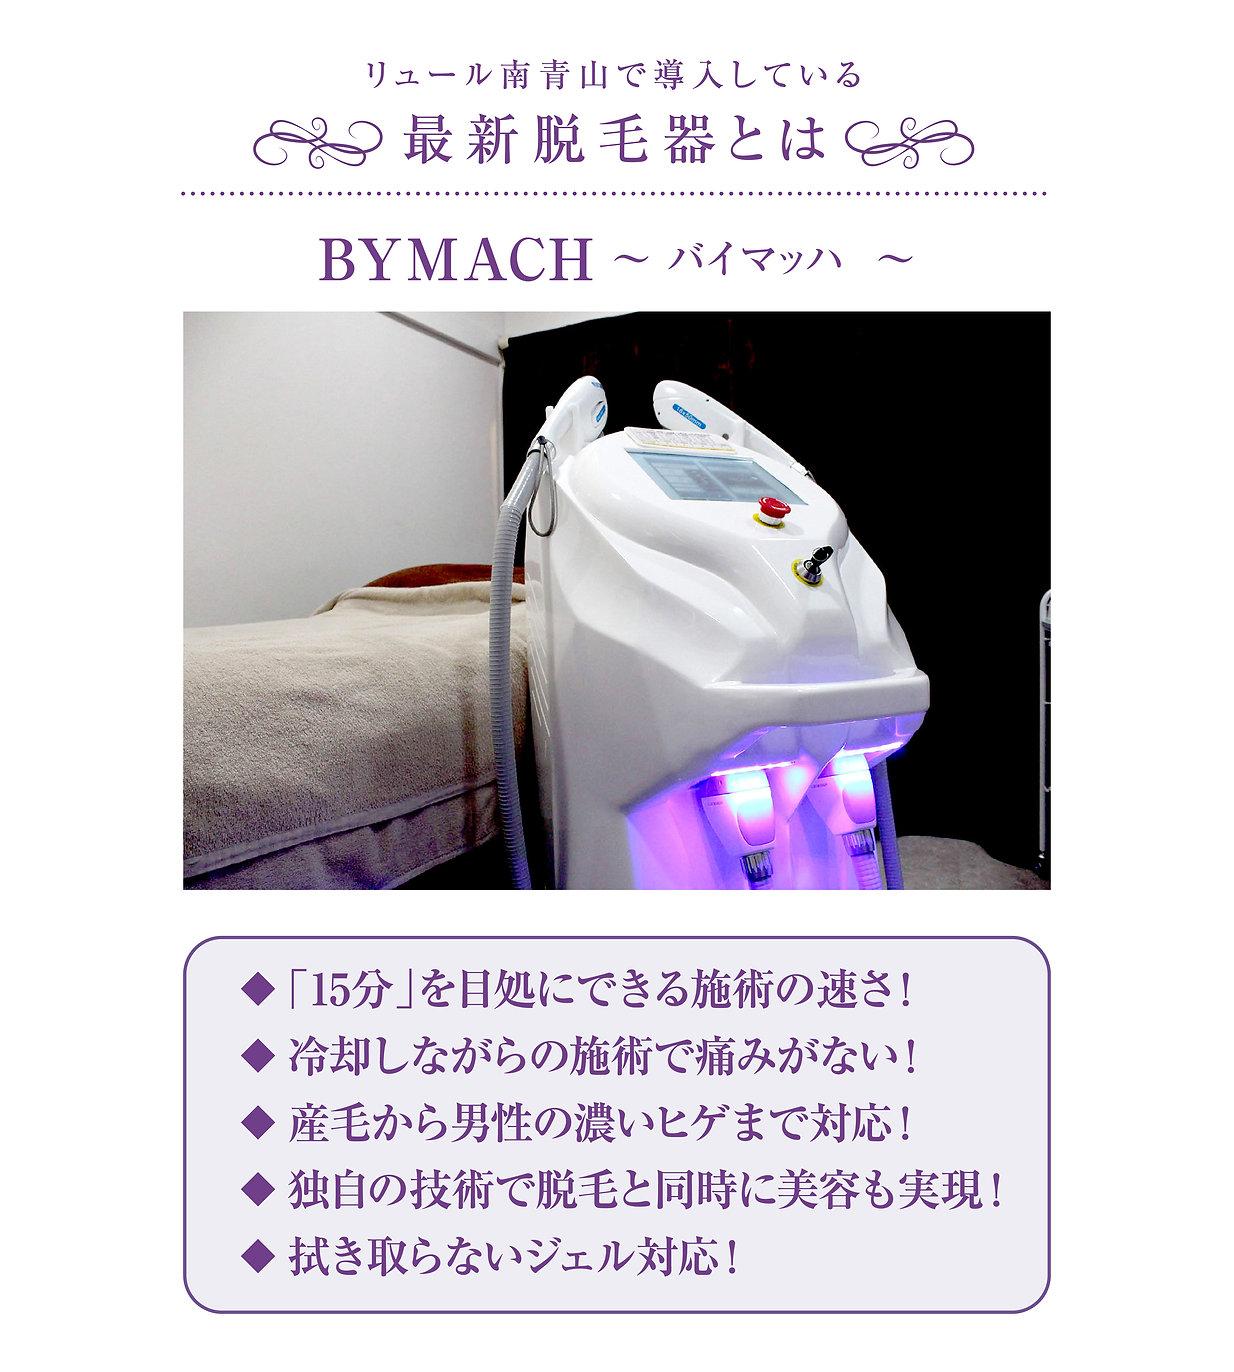 RYU-RU-4-6.jpg